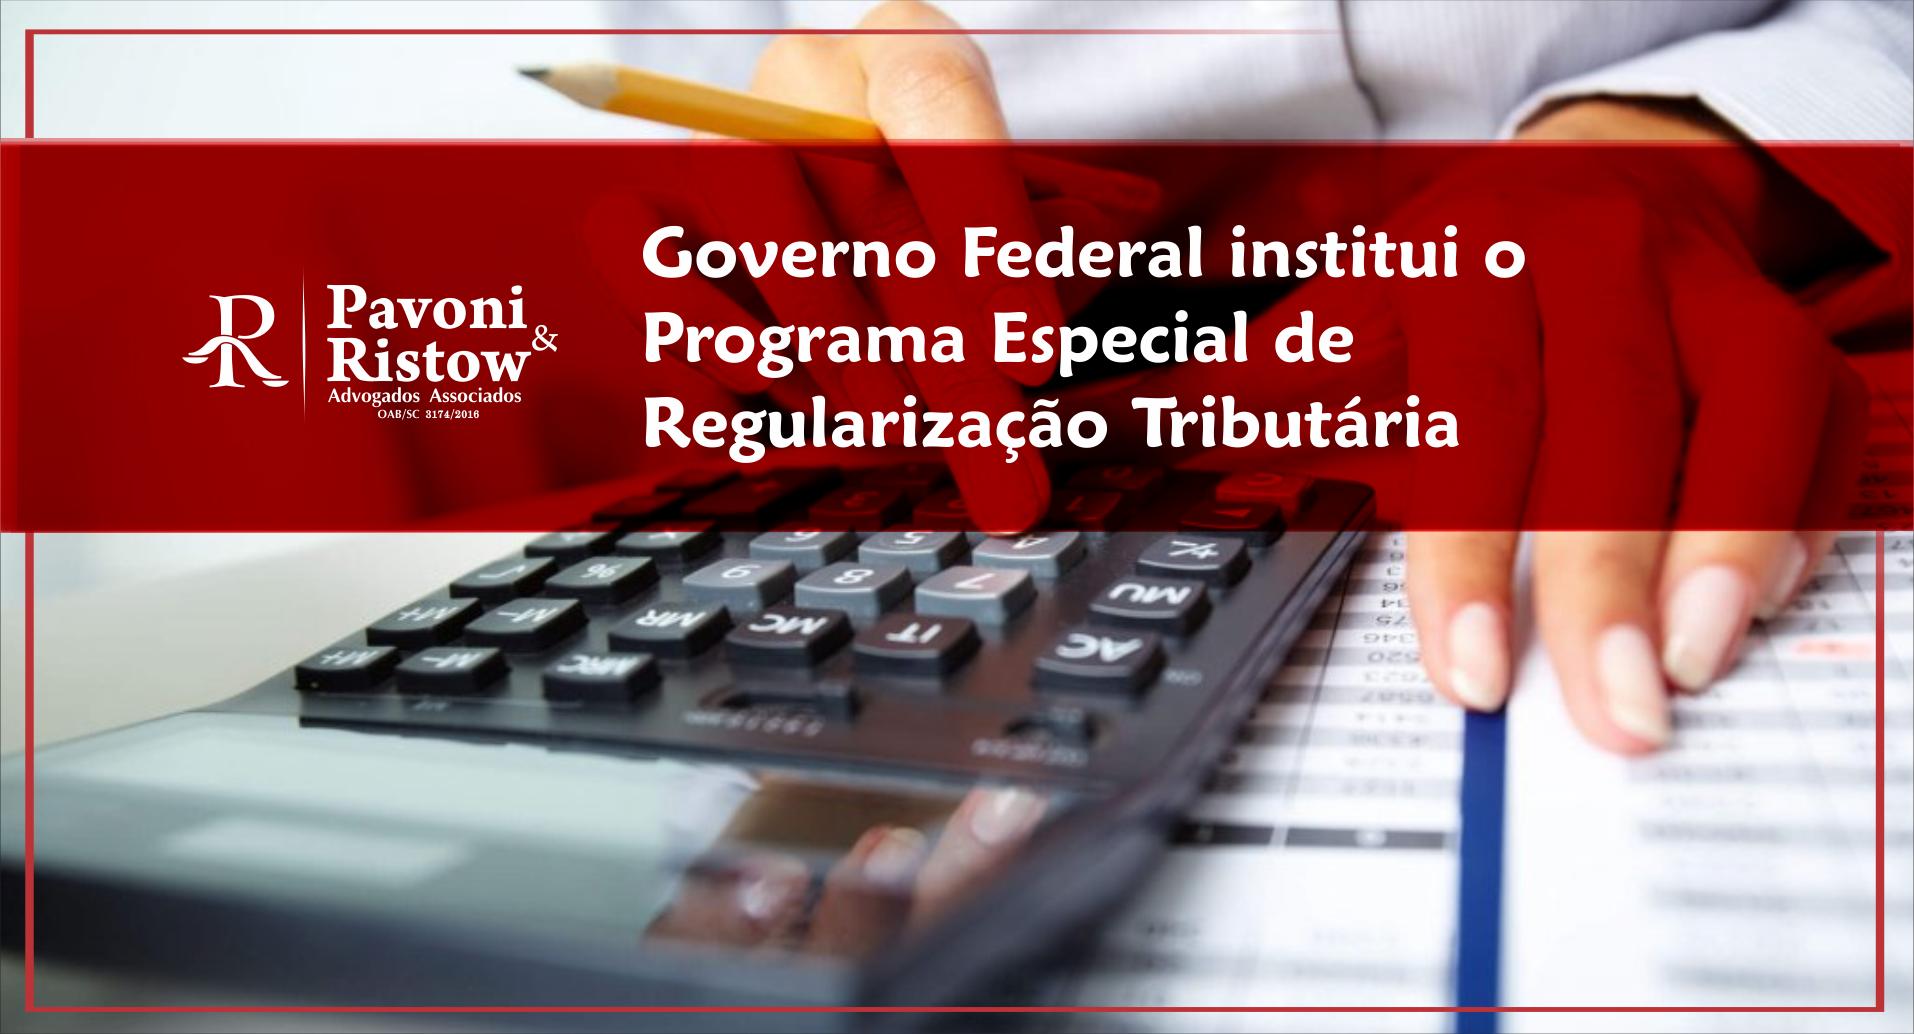 GOVERNO FEDERAL INSTITUI O PROGRAMA ESPECIAL DE REGULARIZAÇÃO TRIBUTÁRIA PERT